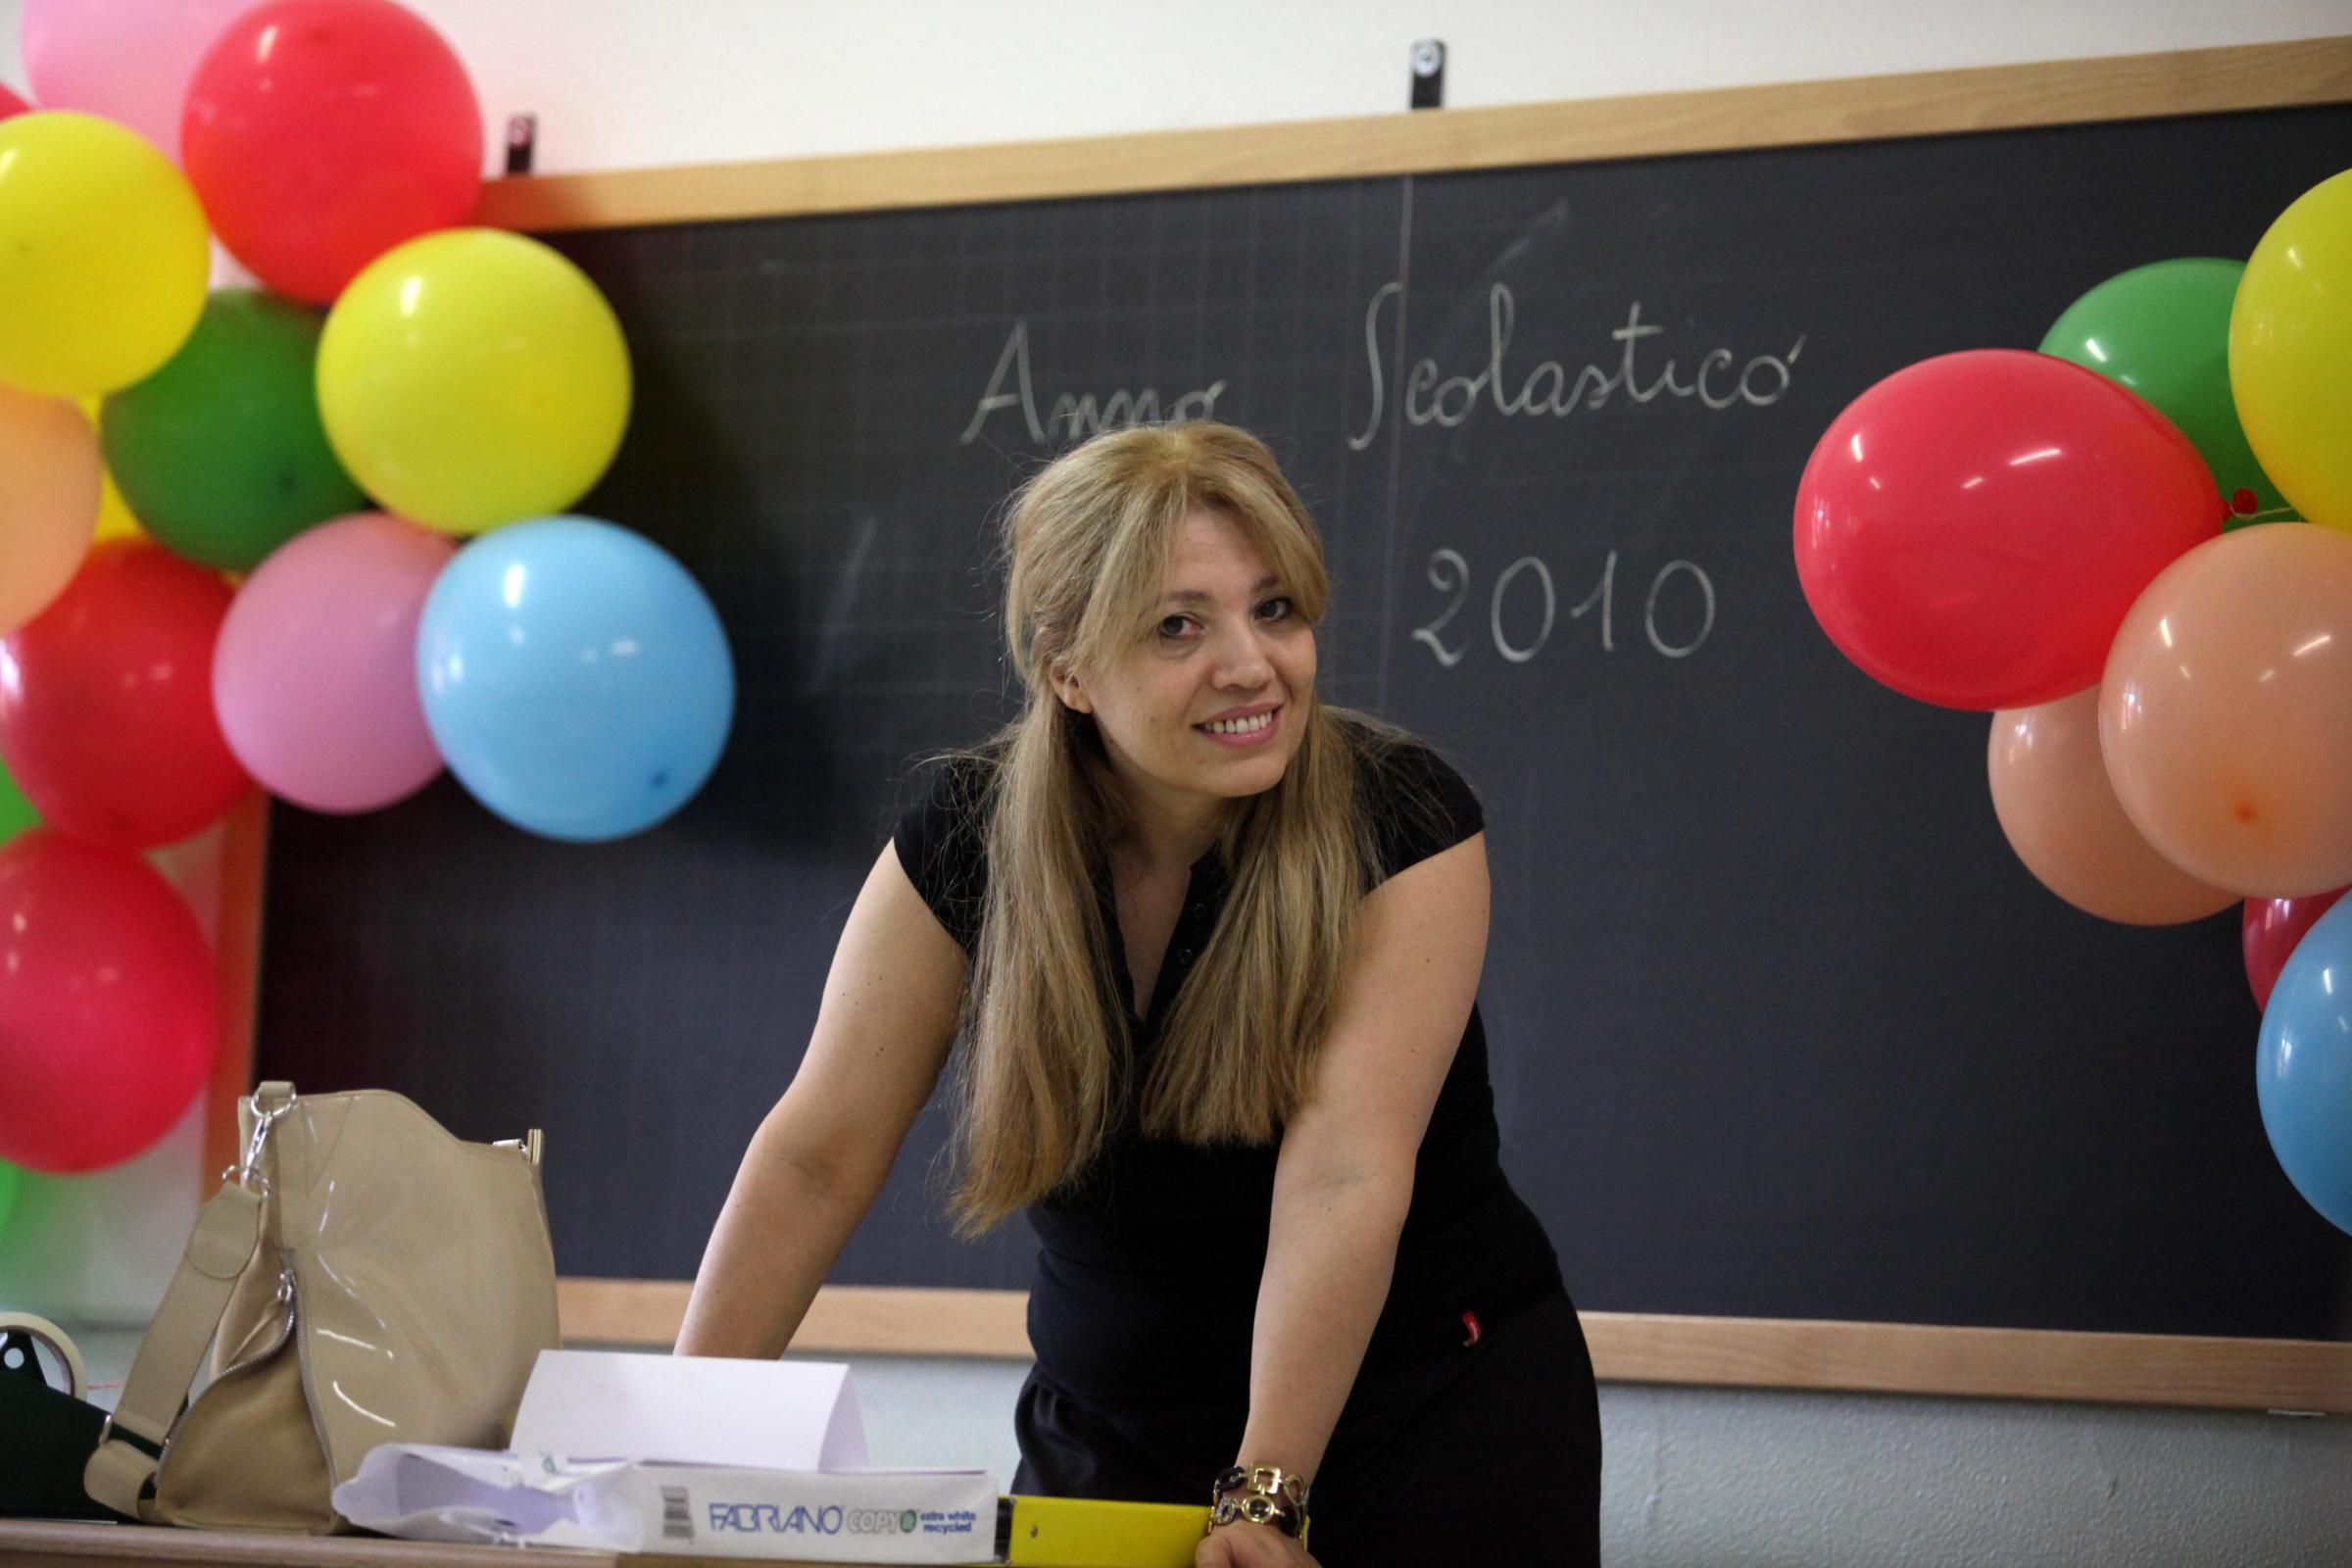 Insegnanti donne in aumento: per l'Ocse può pregiudicare i risultati degli alunni